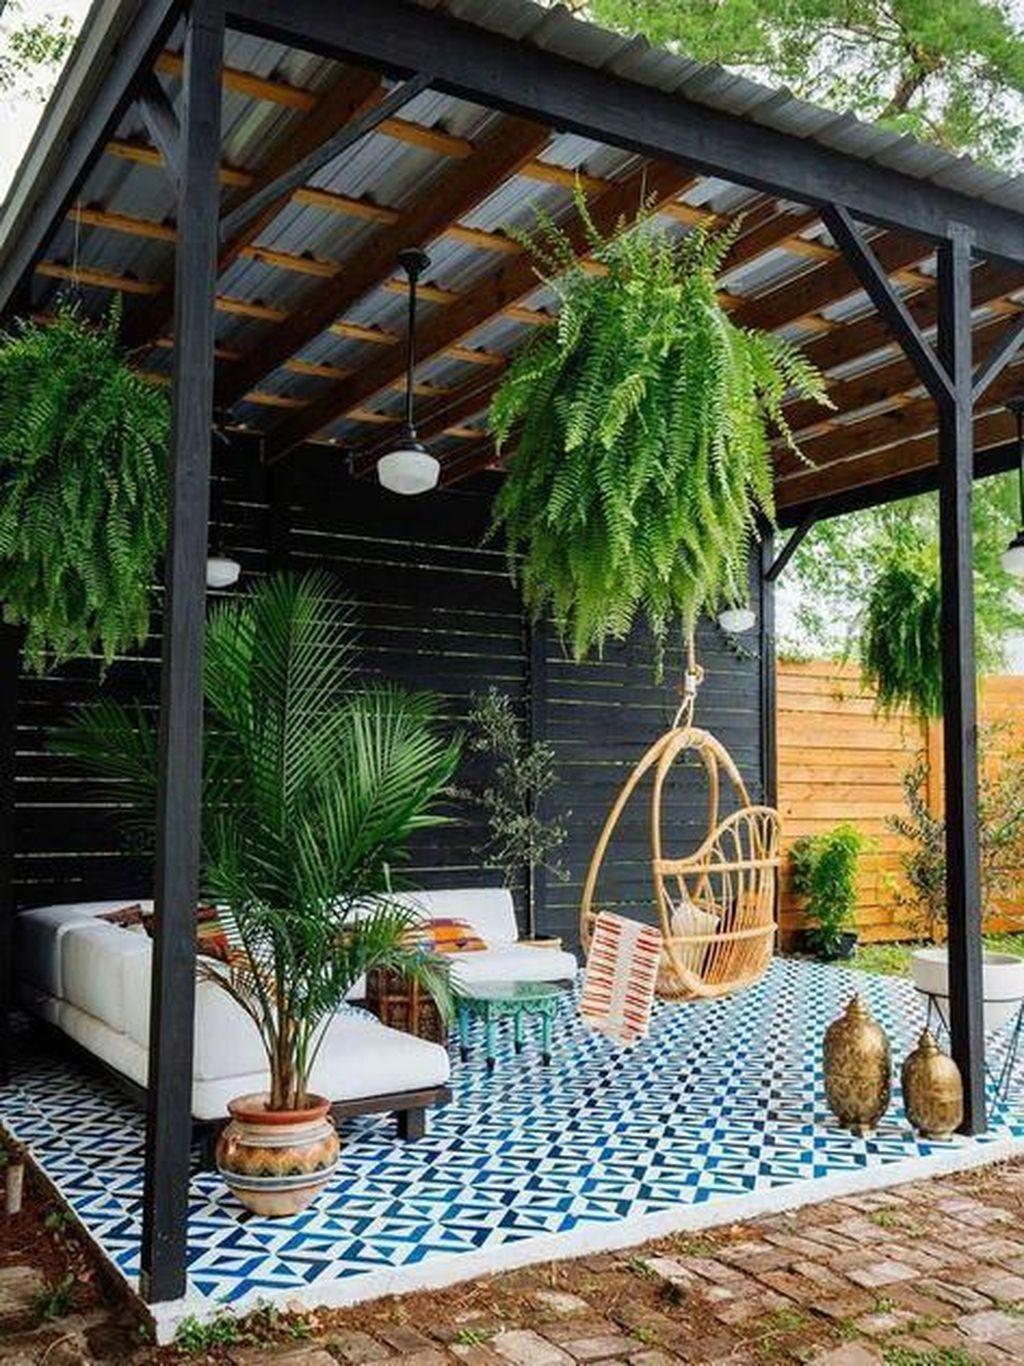 Inspiring Pergola Patio Design Ideas For Your Backyard Decor 12